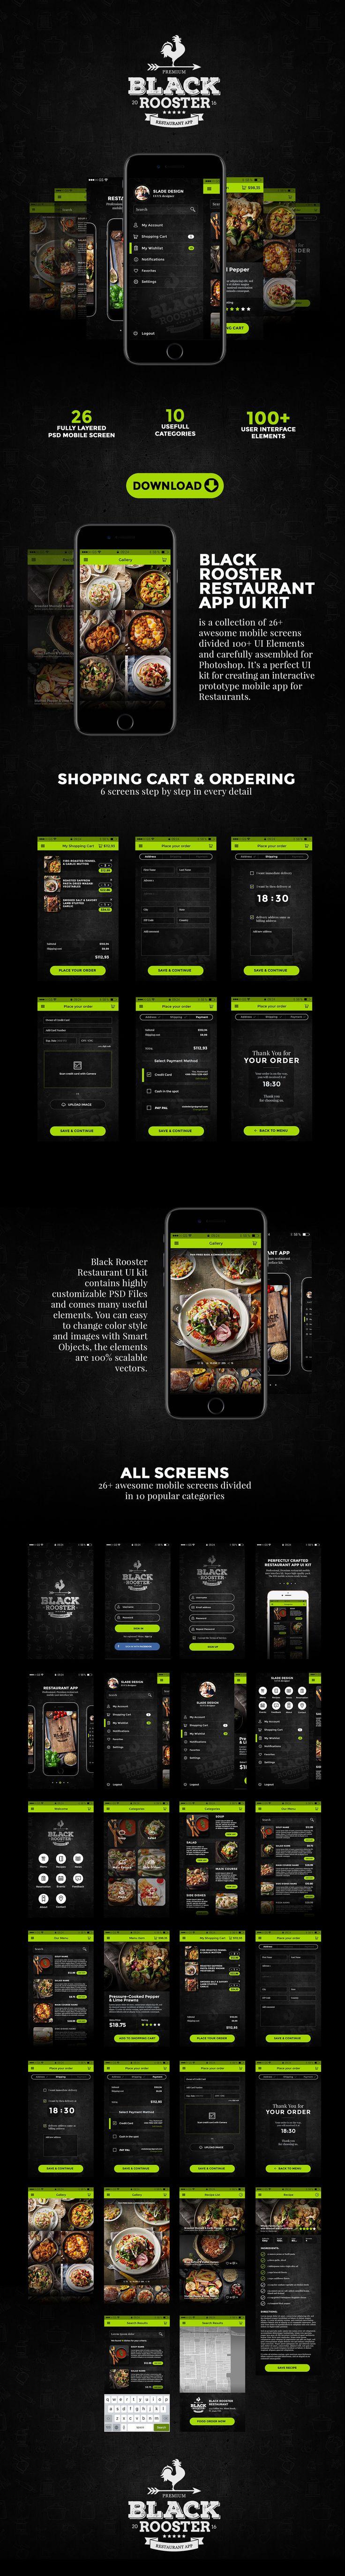 Black Rooster Restaurant App UI Kit on Behance